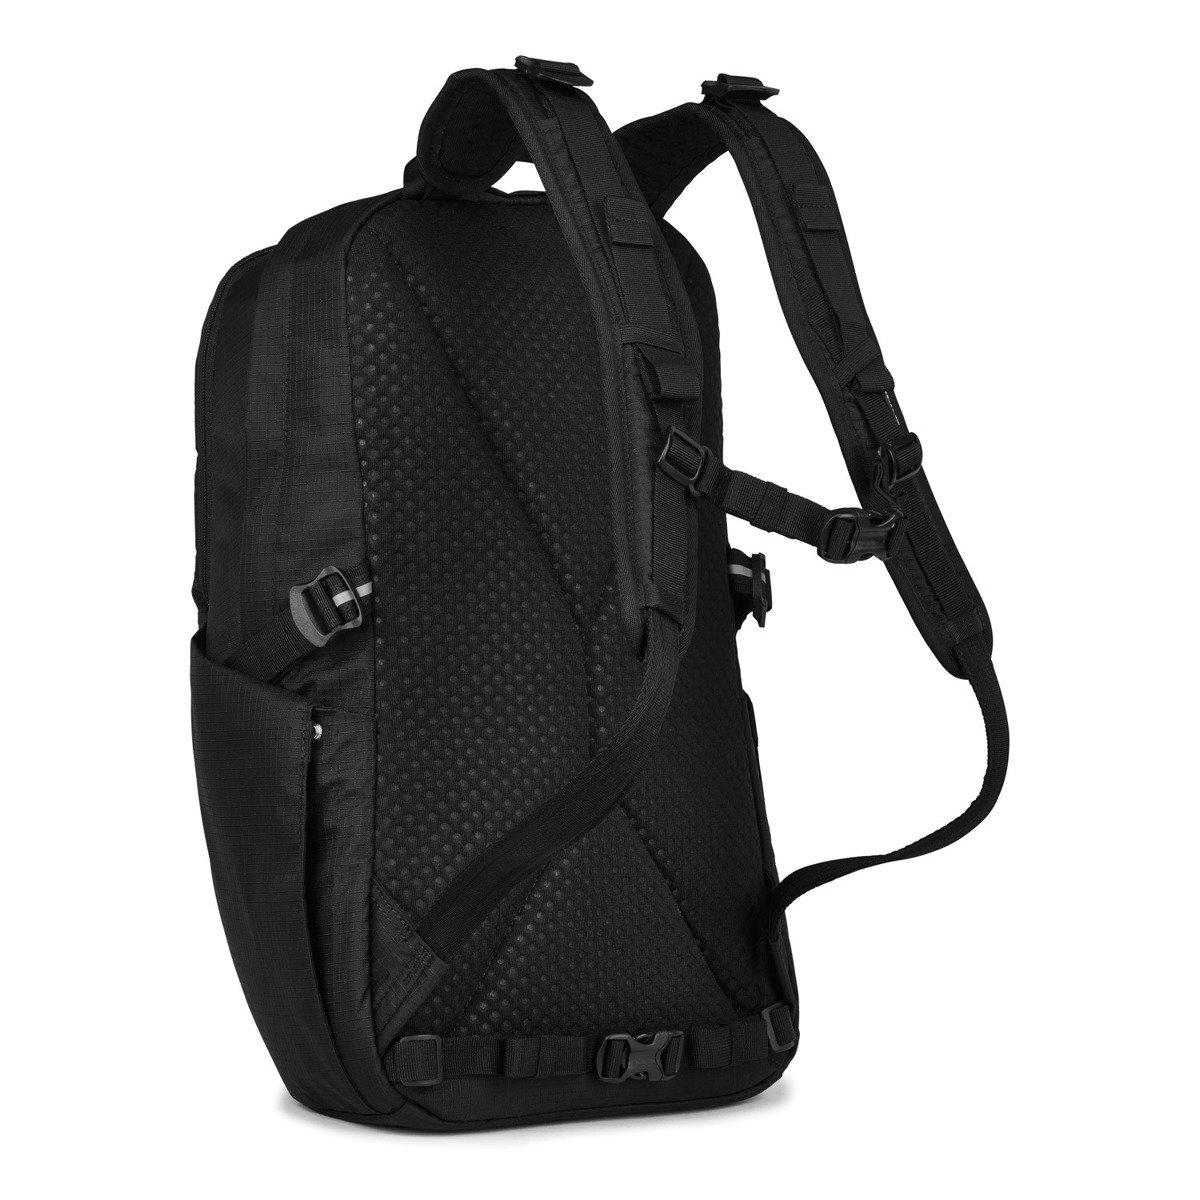 331f87830aa73 ... Plecak turystyczny antykradzieżowy Pacsafe Vibe 25 Czarny Kliknij